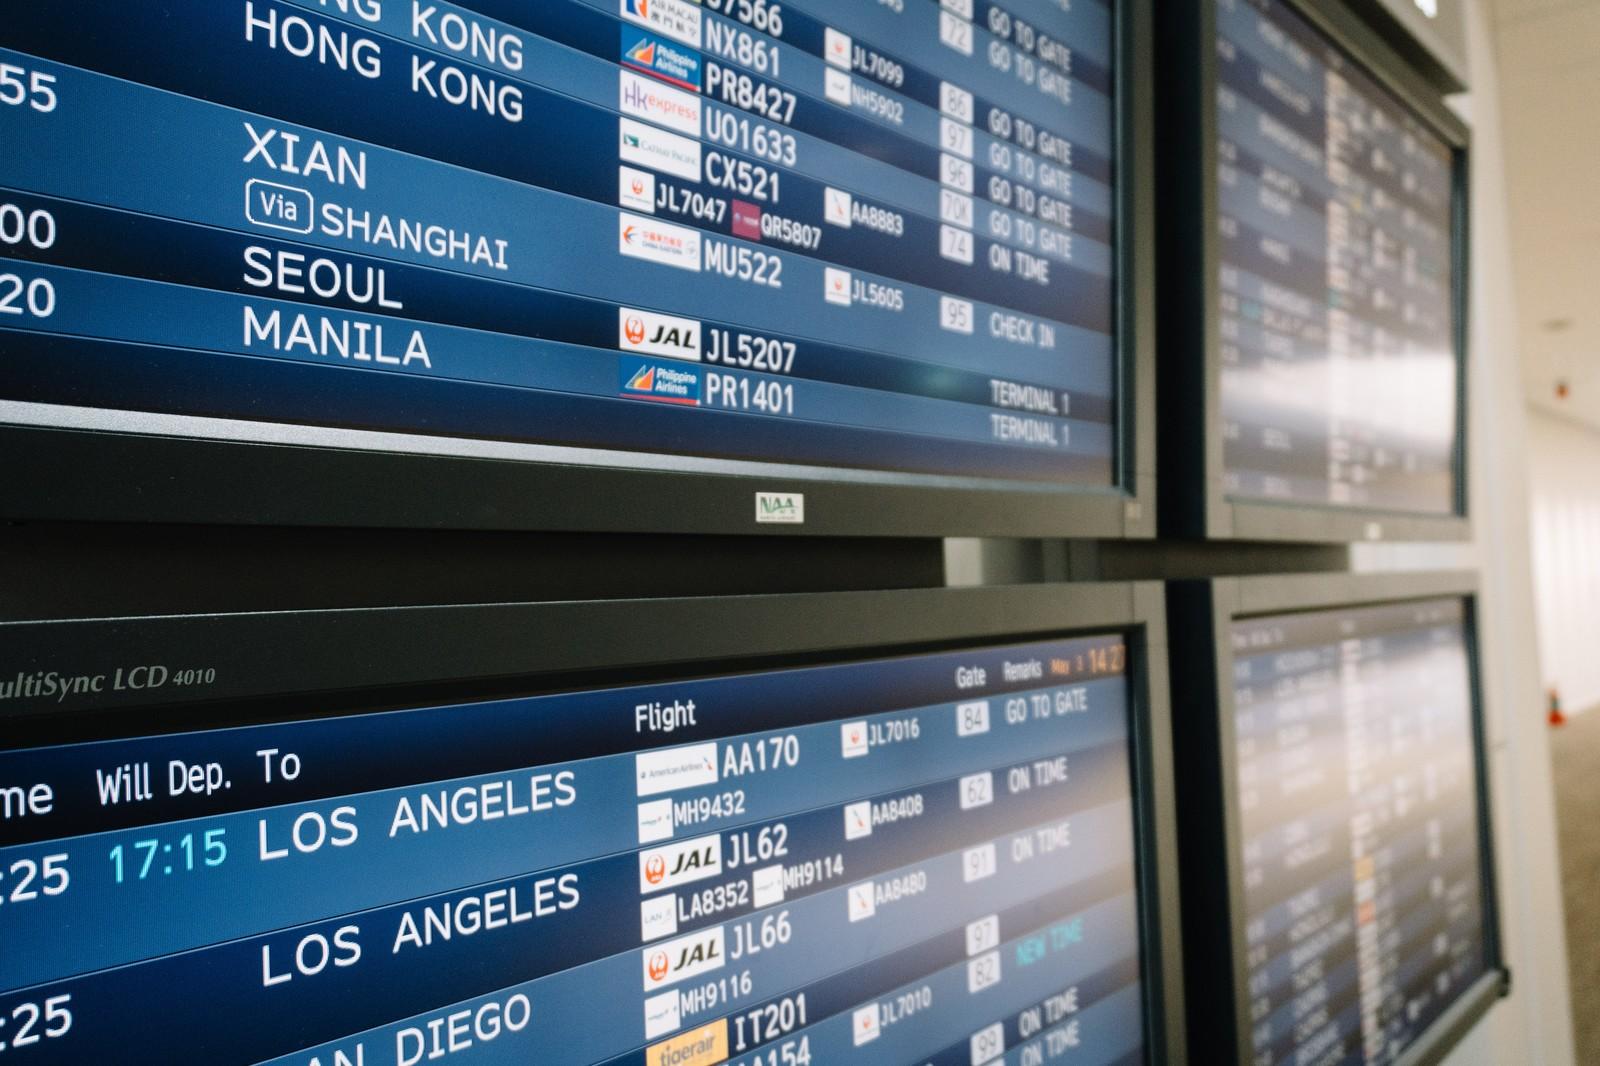 マレーシア旅行・時差・飛行時間・ビザ・気候・電圧・基本情報